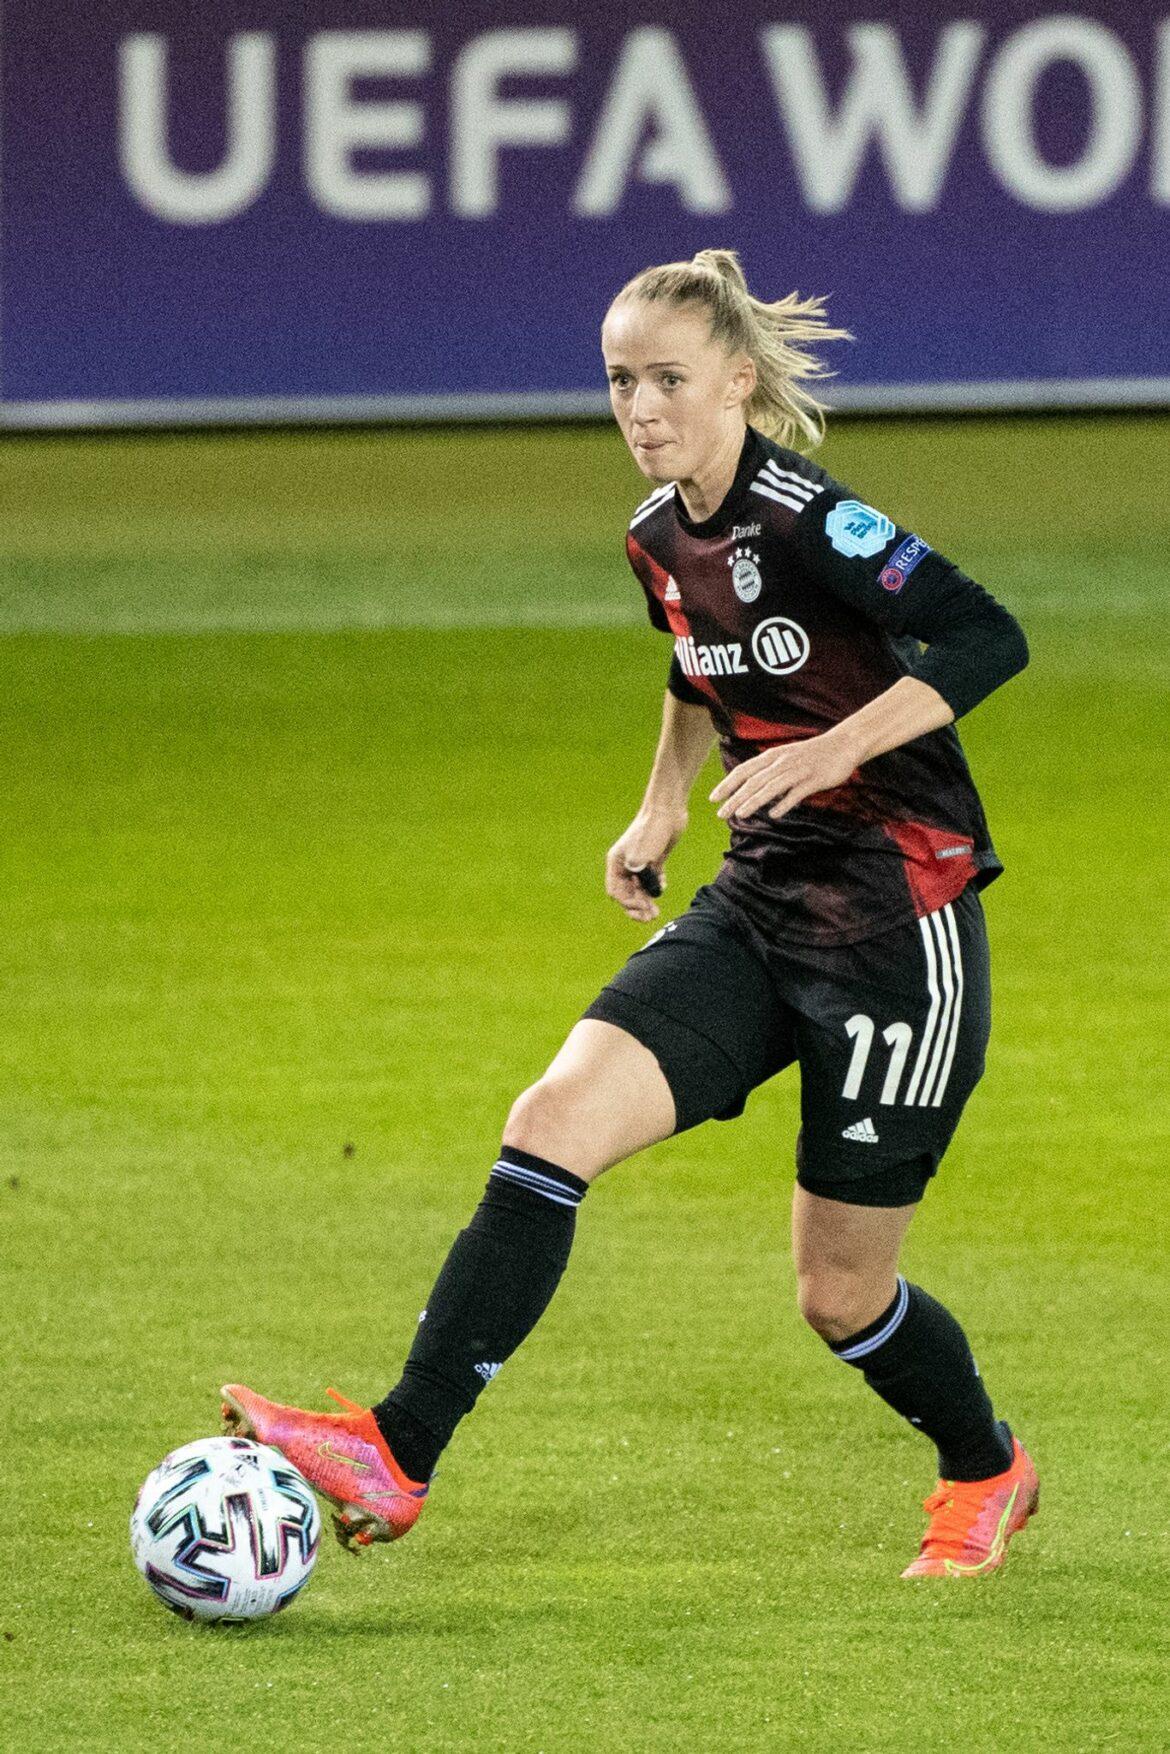 Bayern-Fußballerinnen holen ersten Sieg in Königsklasse